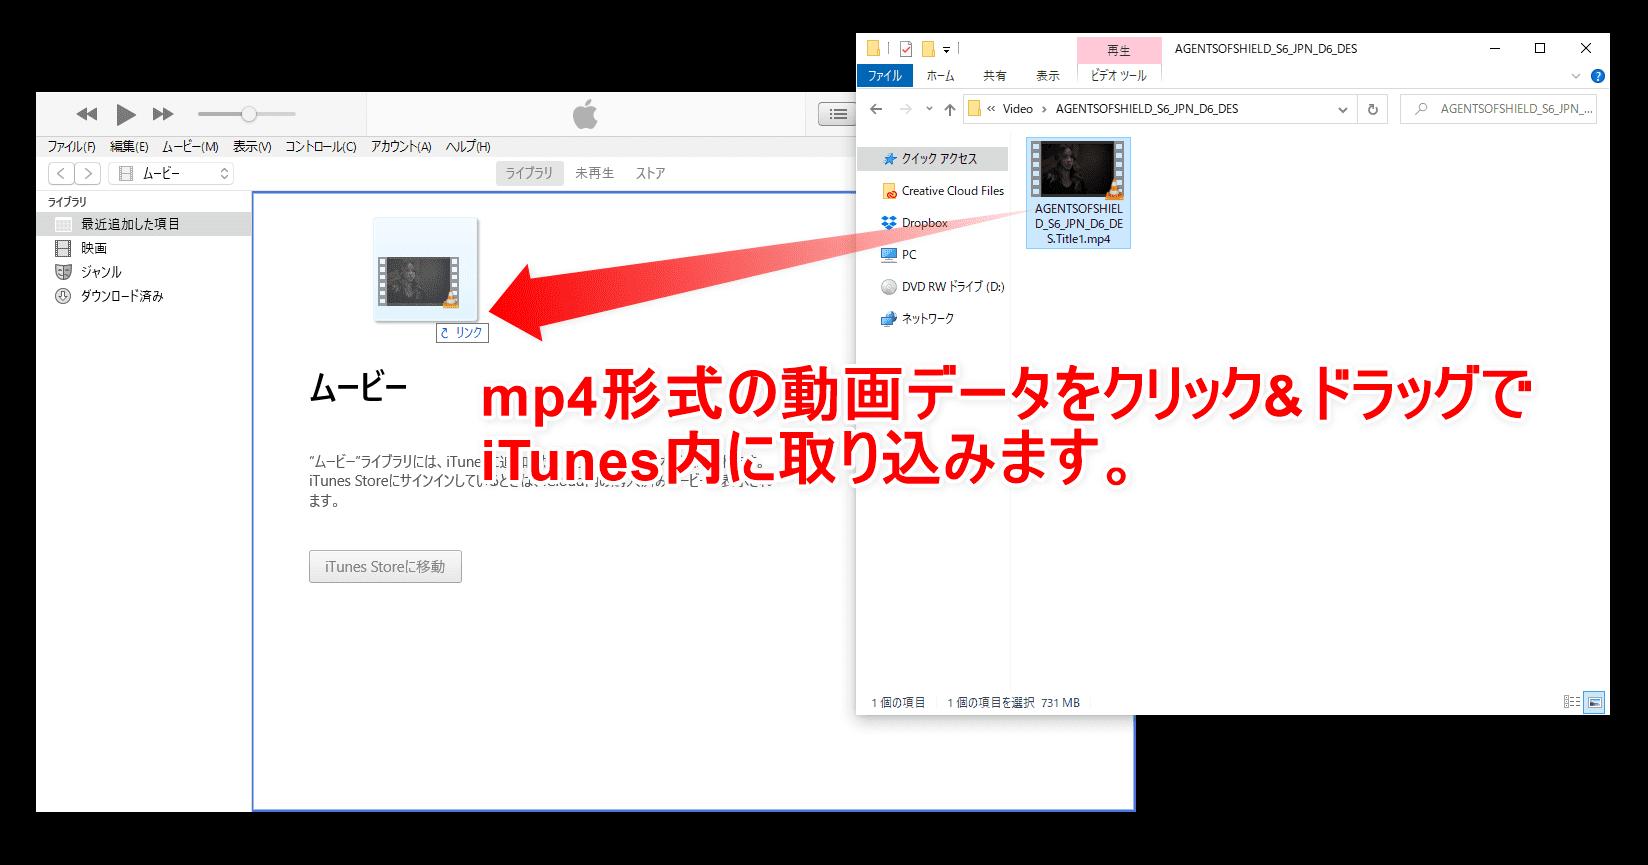 【DVDFab11リッピング方法】DVDFab11を使ってDVDをリッピング! mp4形式に変換してiPhoneに動画データを取り込む方法|ISOファイルからも変換可能|リッピングしたデータをiPhoneに取り込む:動画データをiTunesに登録する